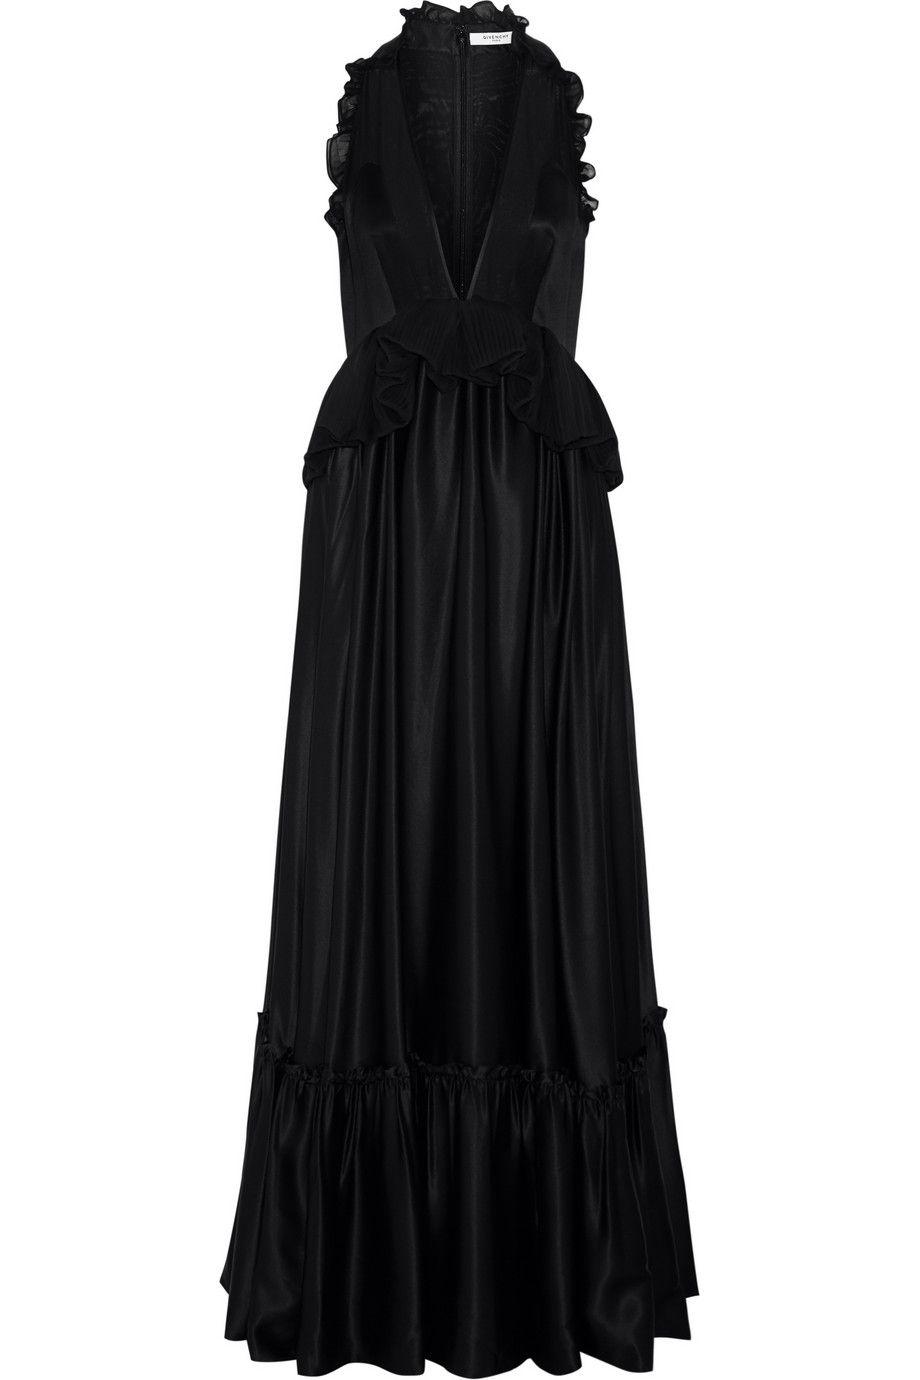 6d8518cb359 Givenchy Robe longue du soir en satin de soie noir à volants ...